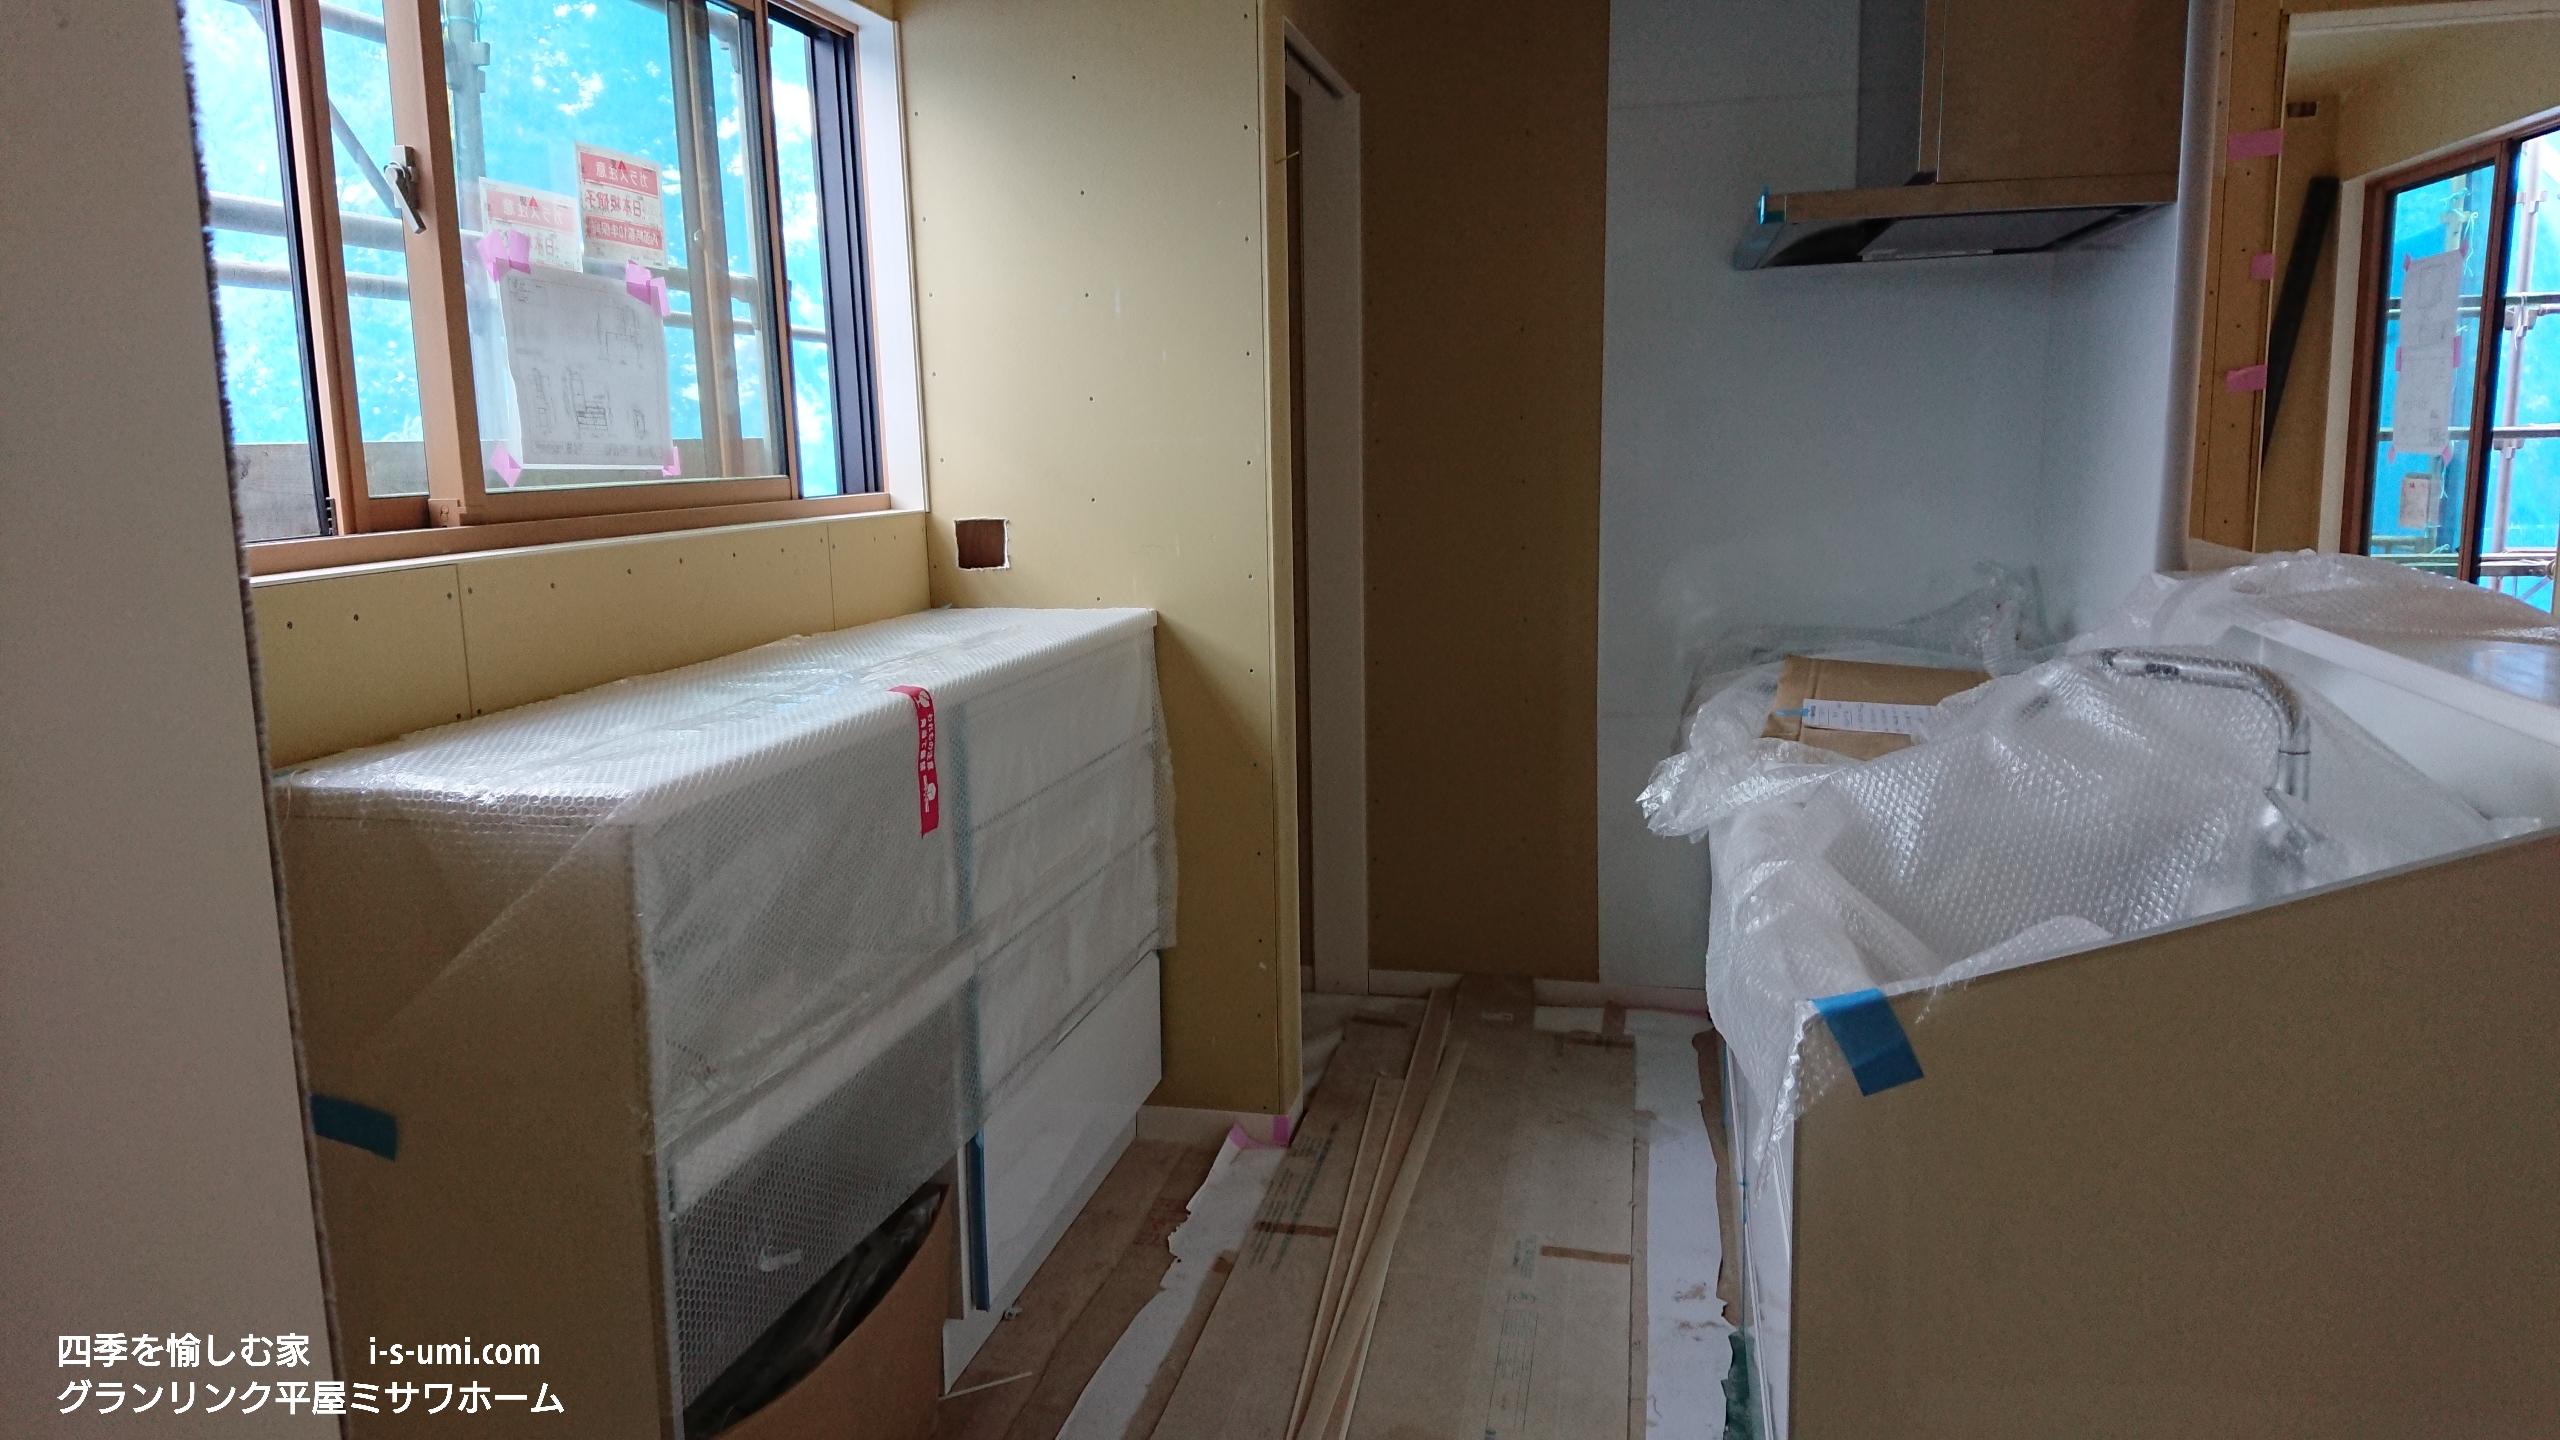 建築現場 厨房キッチン搬入 軒天 玄関収納 ミサワホーム 四季を